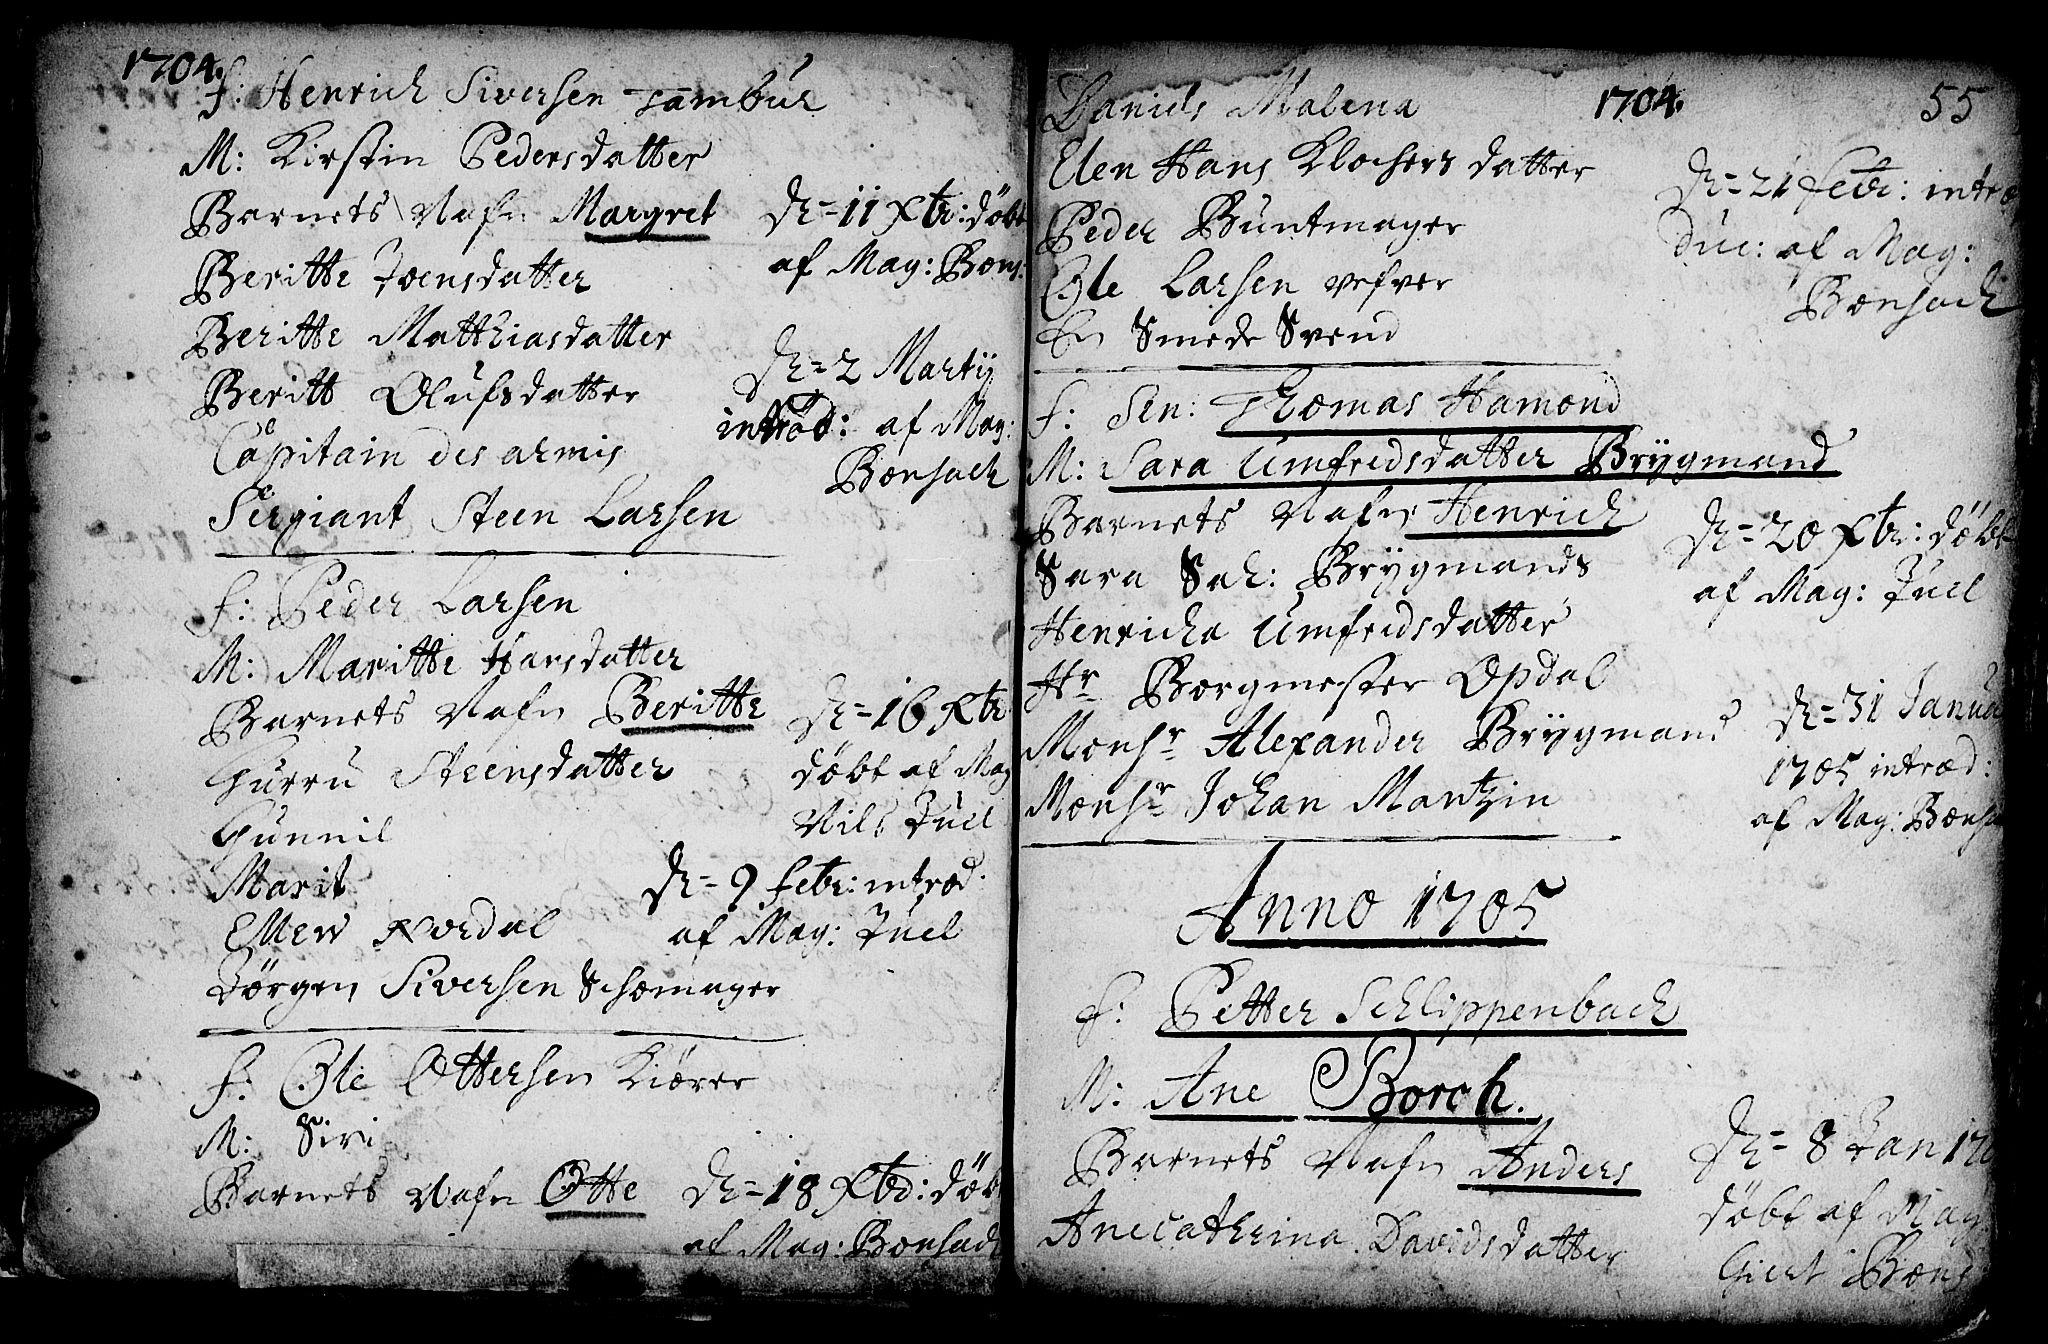 SAT, Ministerialprotokoller, klokkerbøker og fødselsregistre - Sør-Trøndelag, 601/L0034: Ministerialbok nr. 601A02, 1702-1714, s. 55